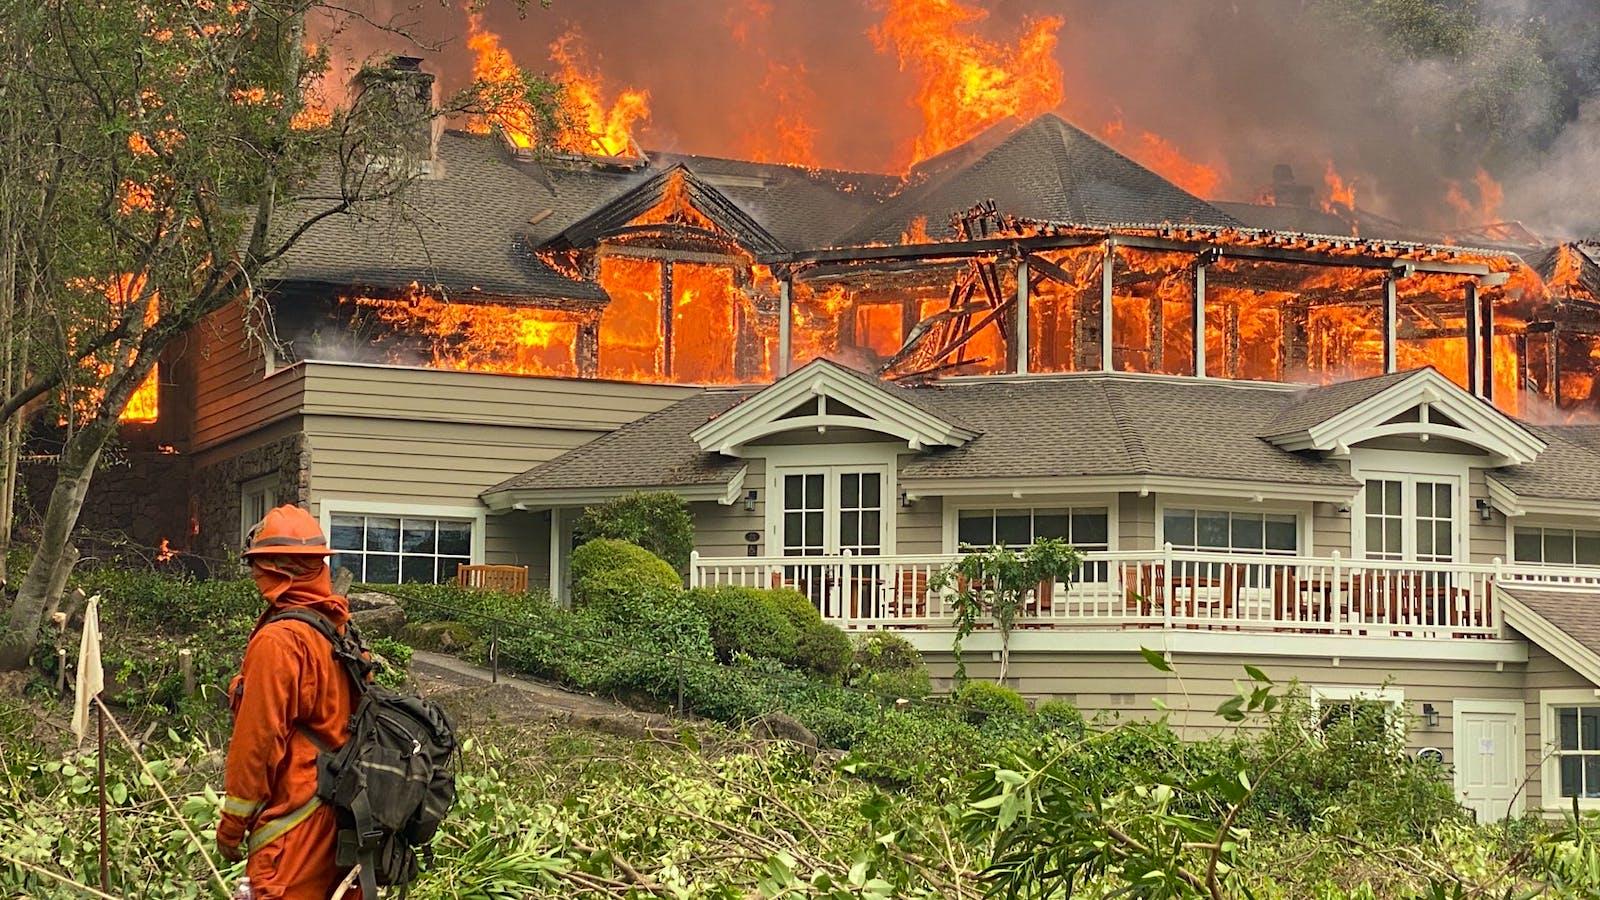 梅多伍德度假村,牛顿,伯吉斯和贝伦斯在纳帕Wildfire的许多受害者